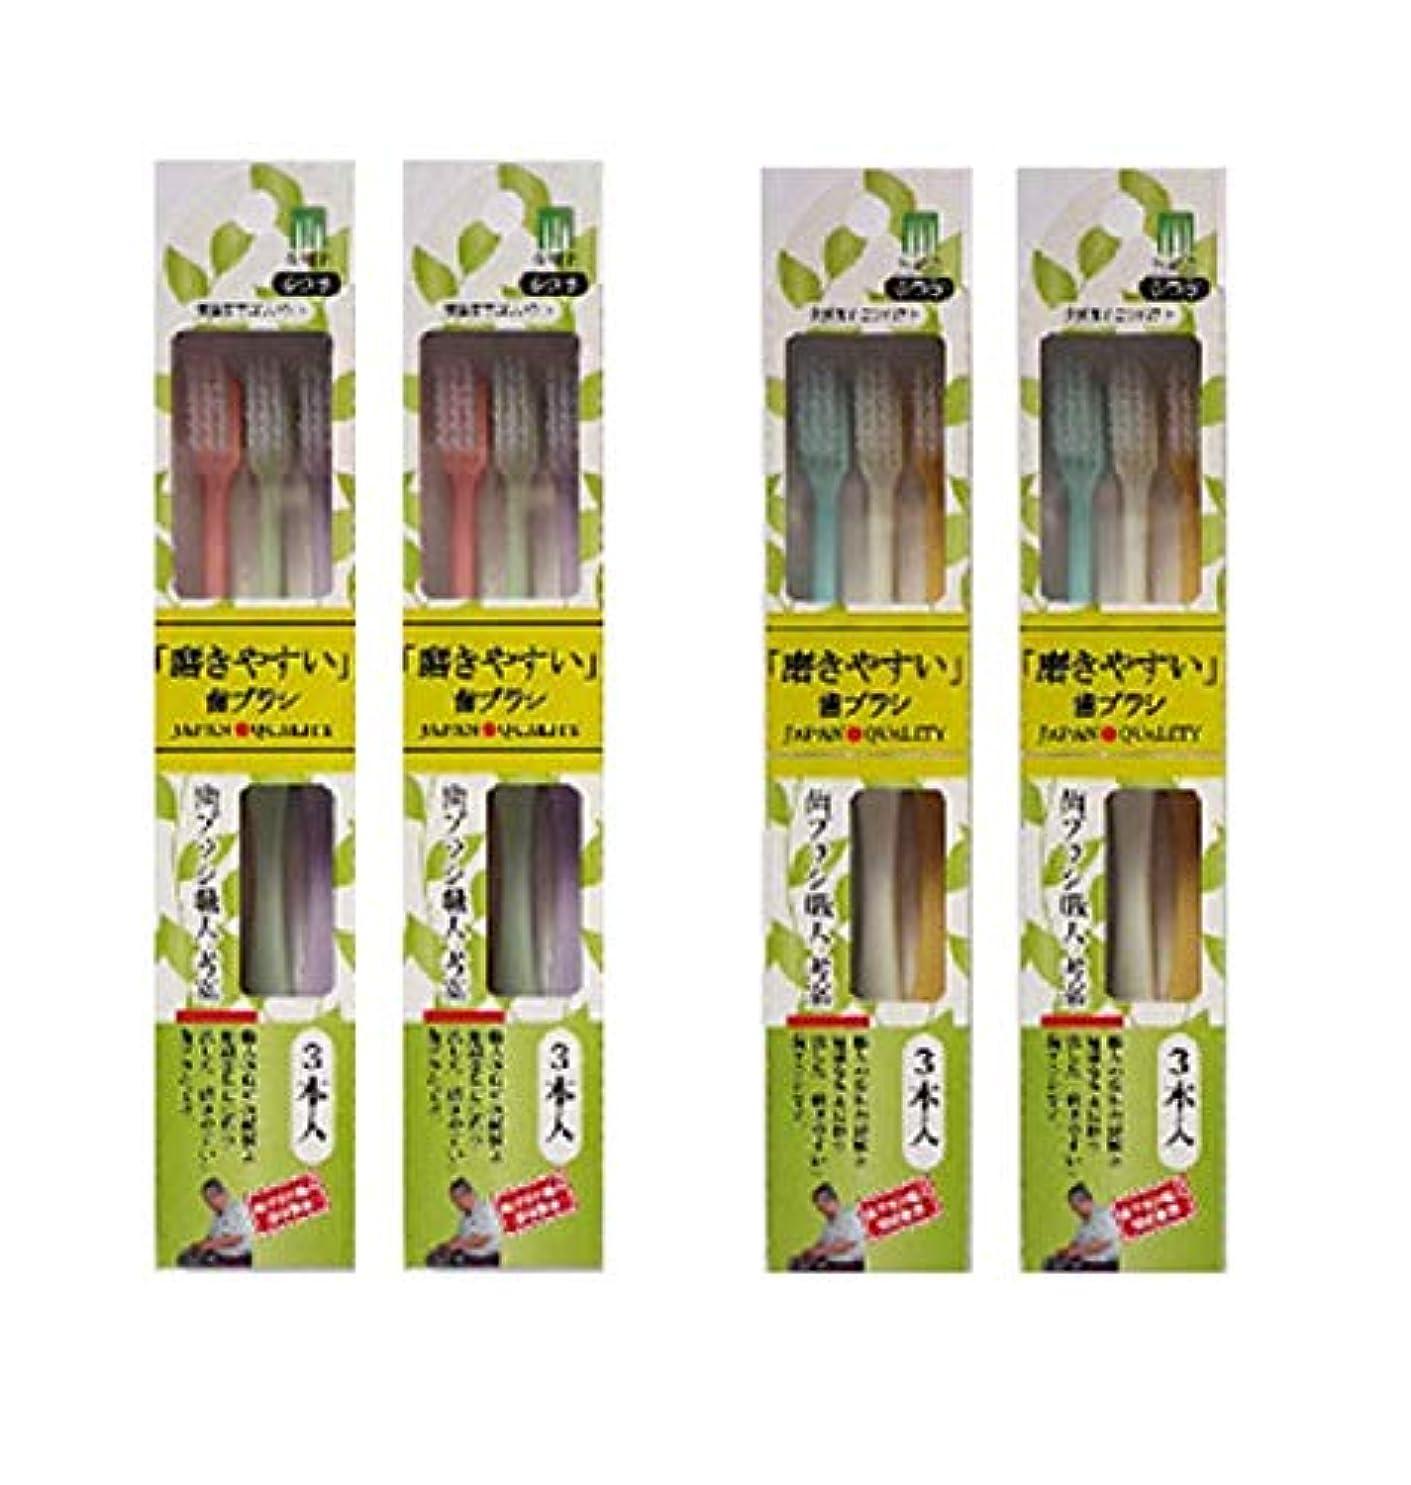 ピッチファイルなすライフレンジ 磨きやすい歯ブラシ 奥歯までコンパクト 先細毛(ふつう) ELT-1(3本入)×4箱セット